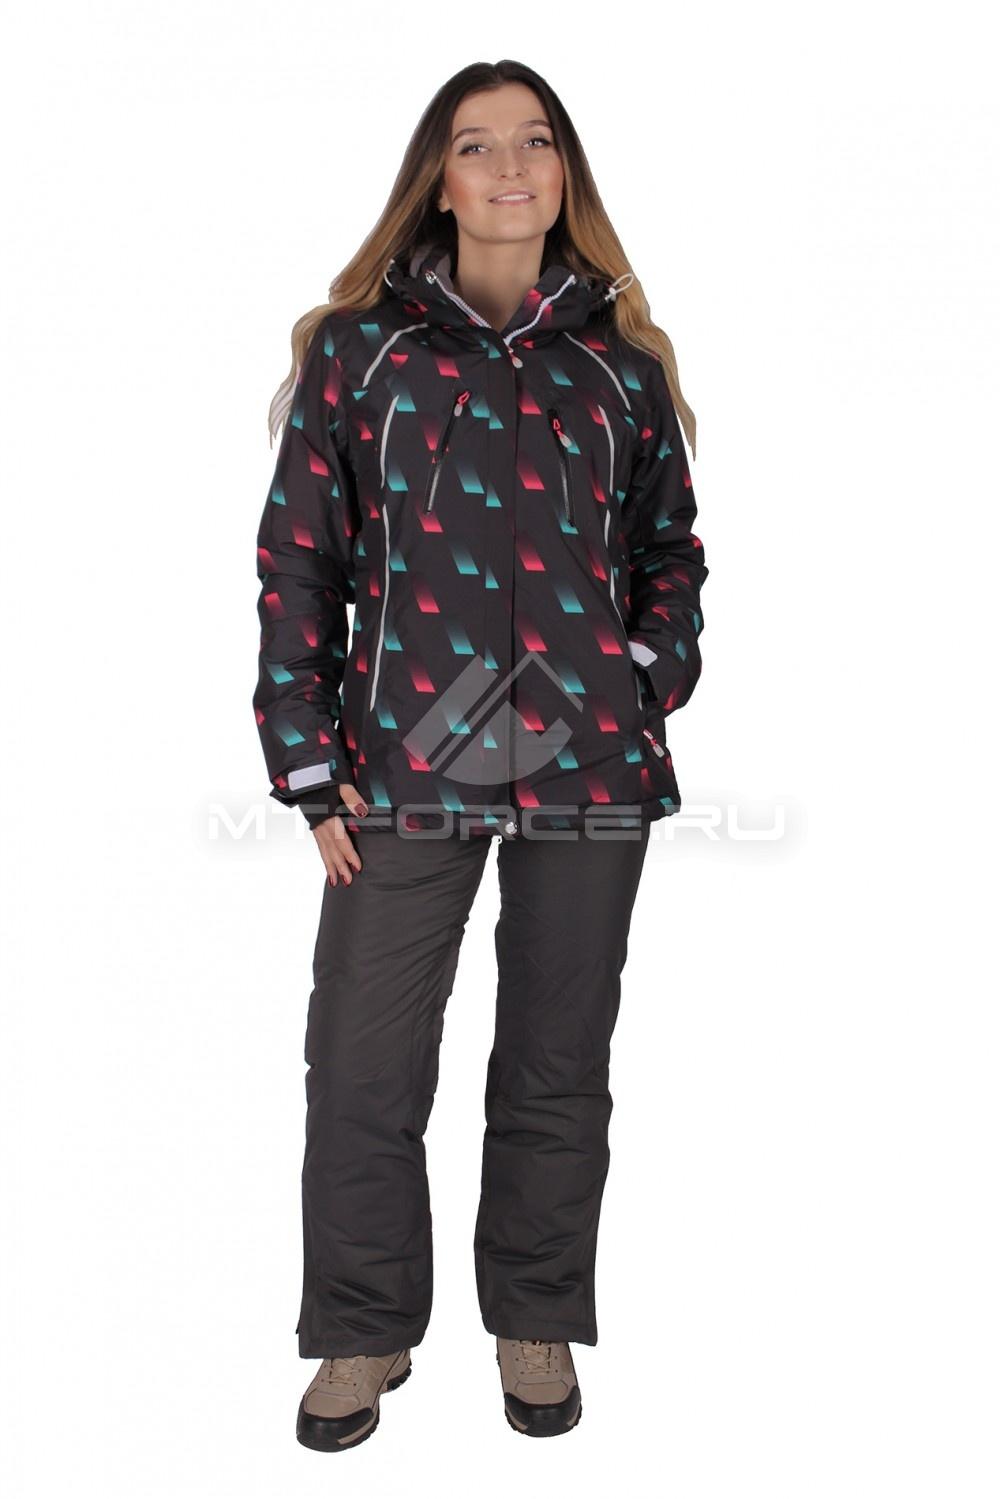 Купить                                  оптом Костюм горнолыжный женский черного цвета 01662Ch в Санкт-Петербурге